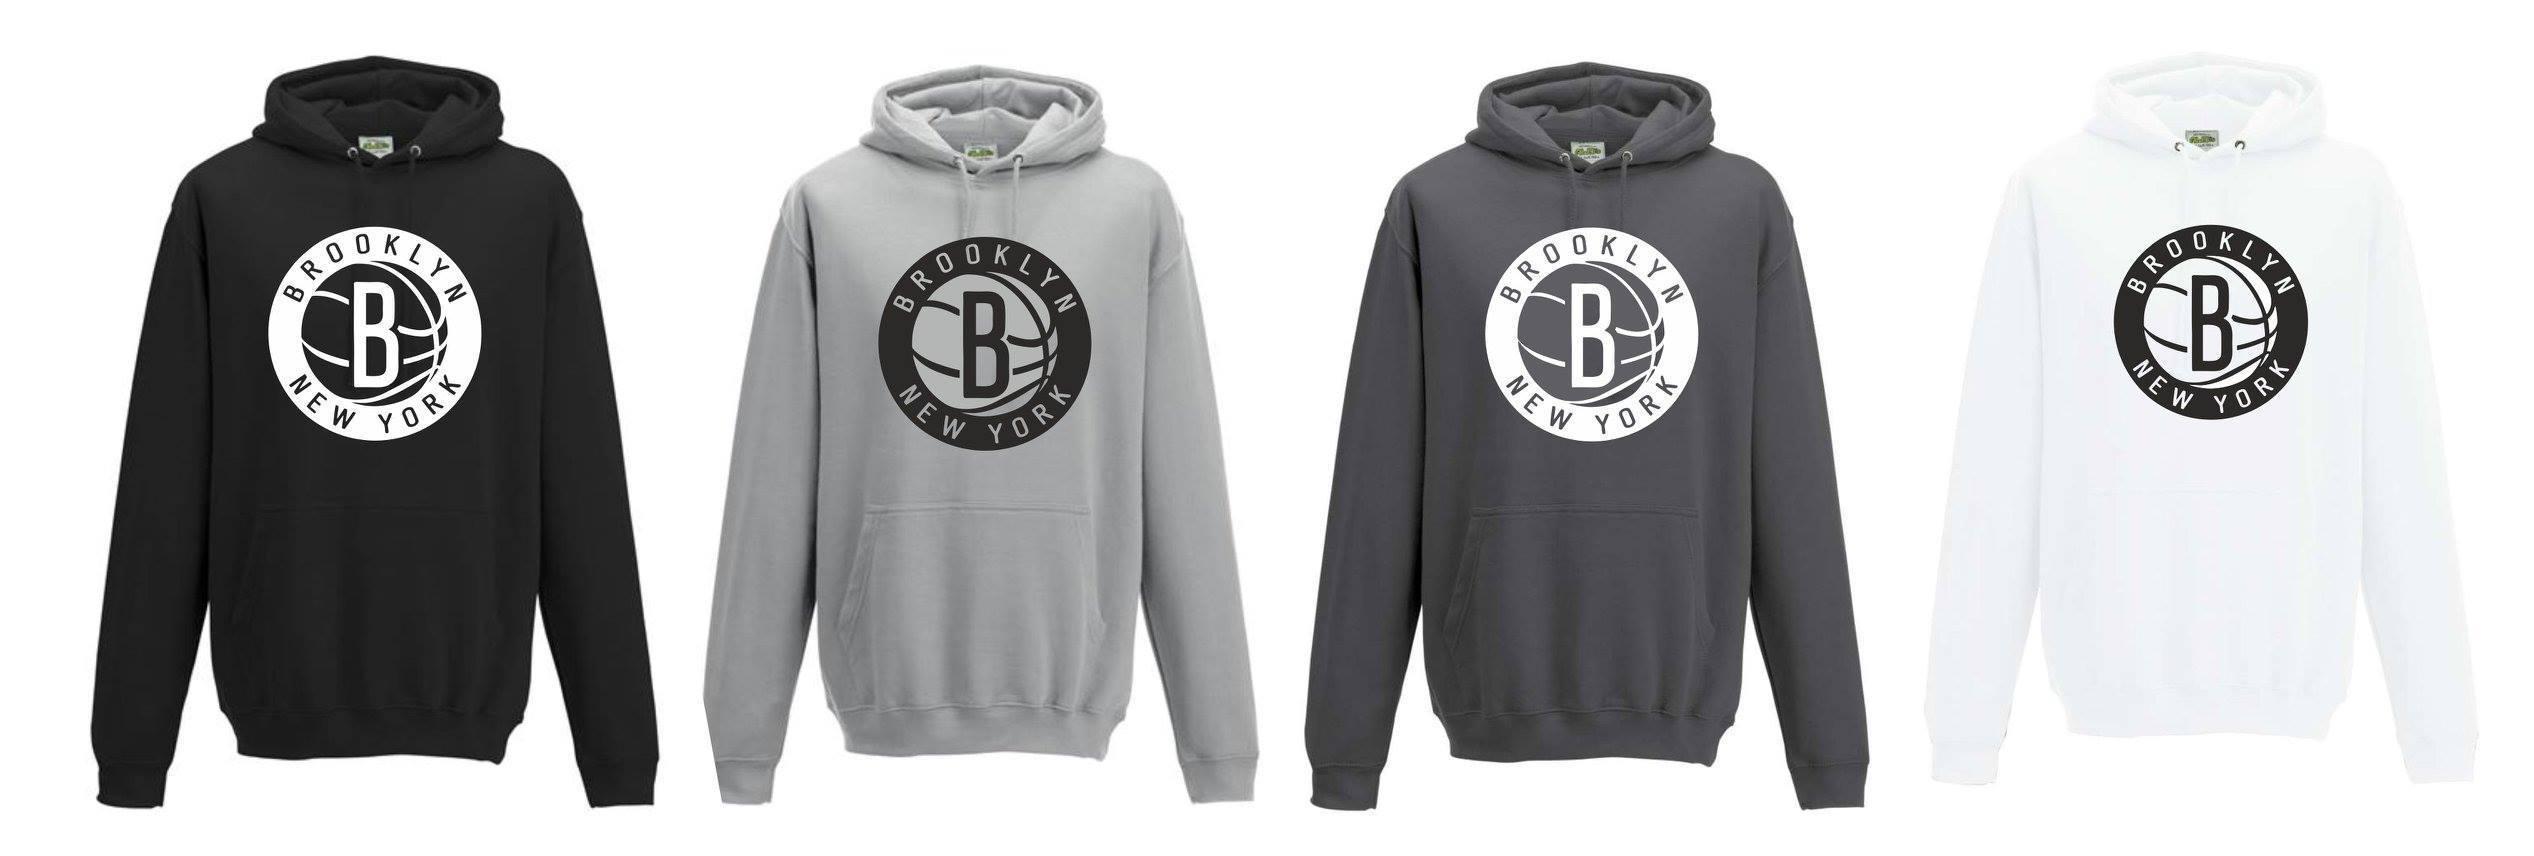 Brooklyn hoodies 104